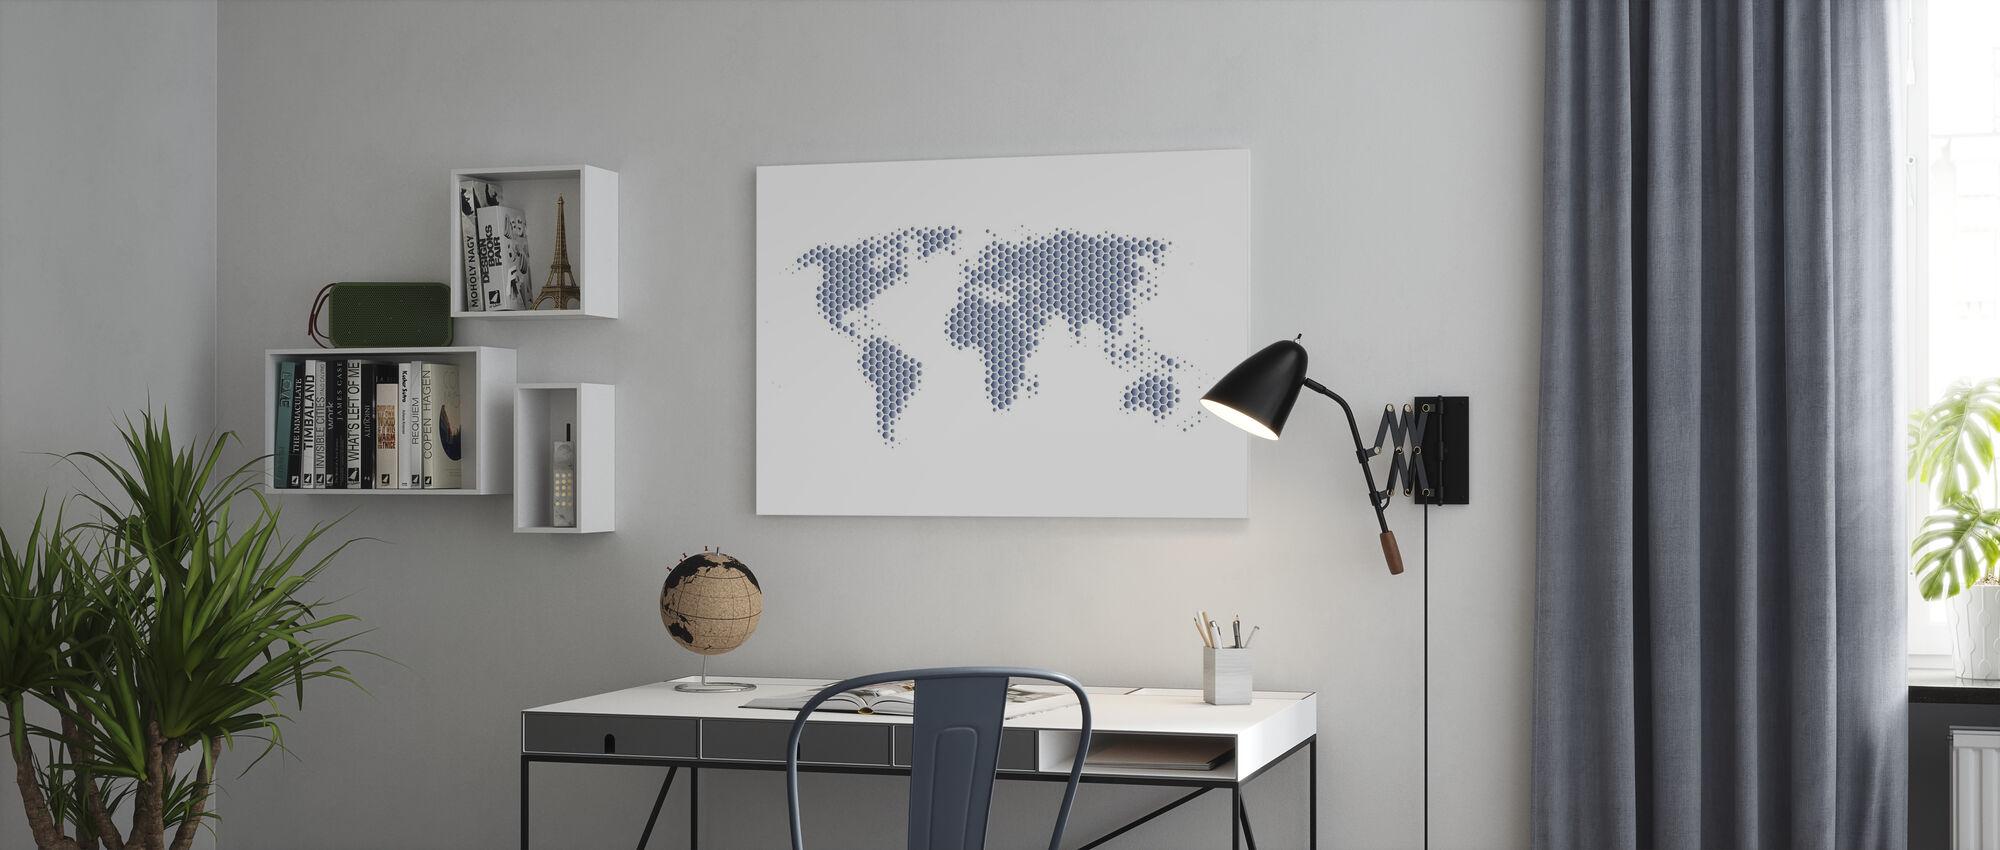 Verdenskort Metalplader - Stål - Billede på lærred - Kontor